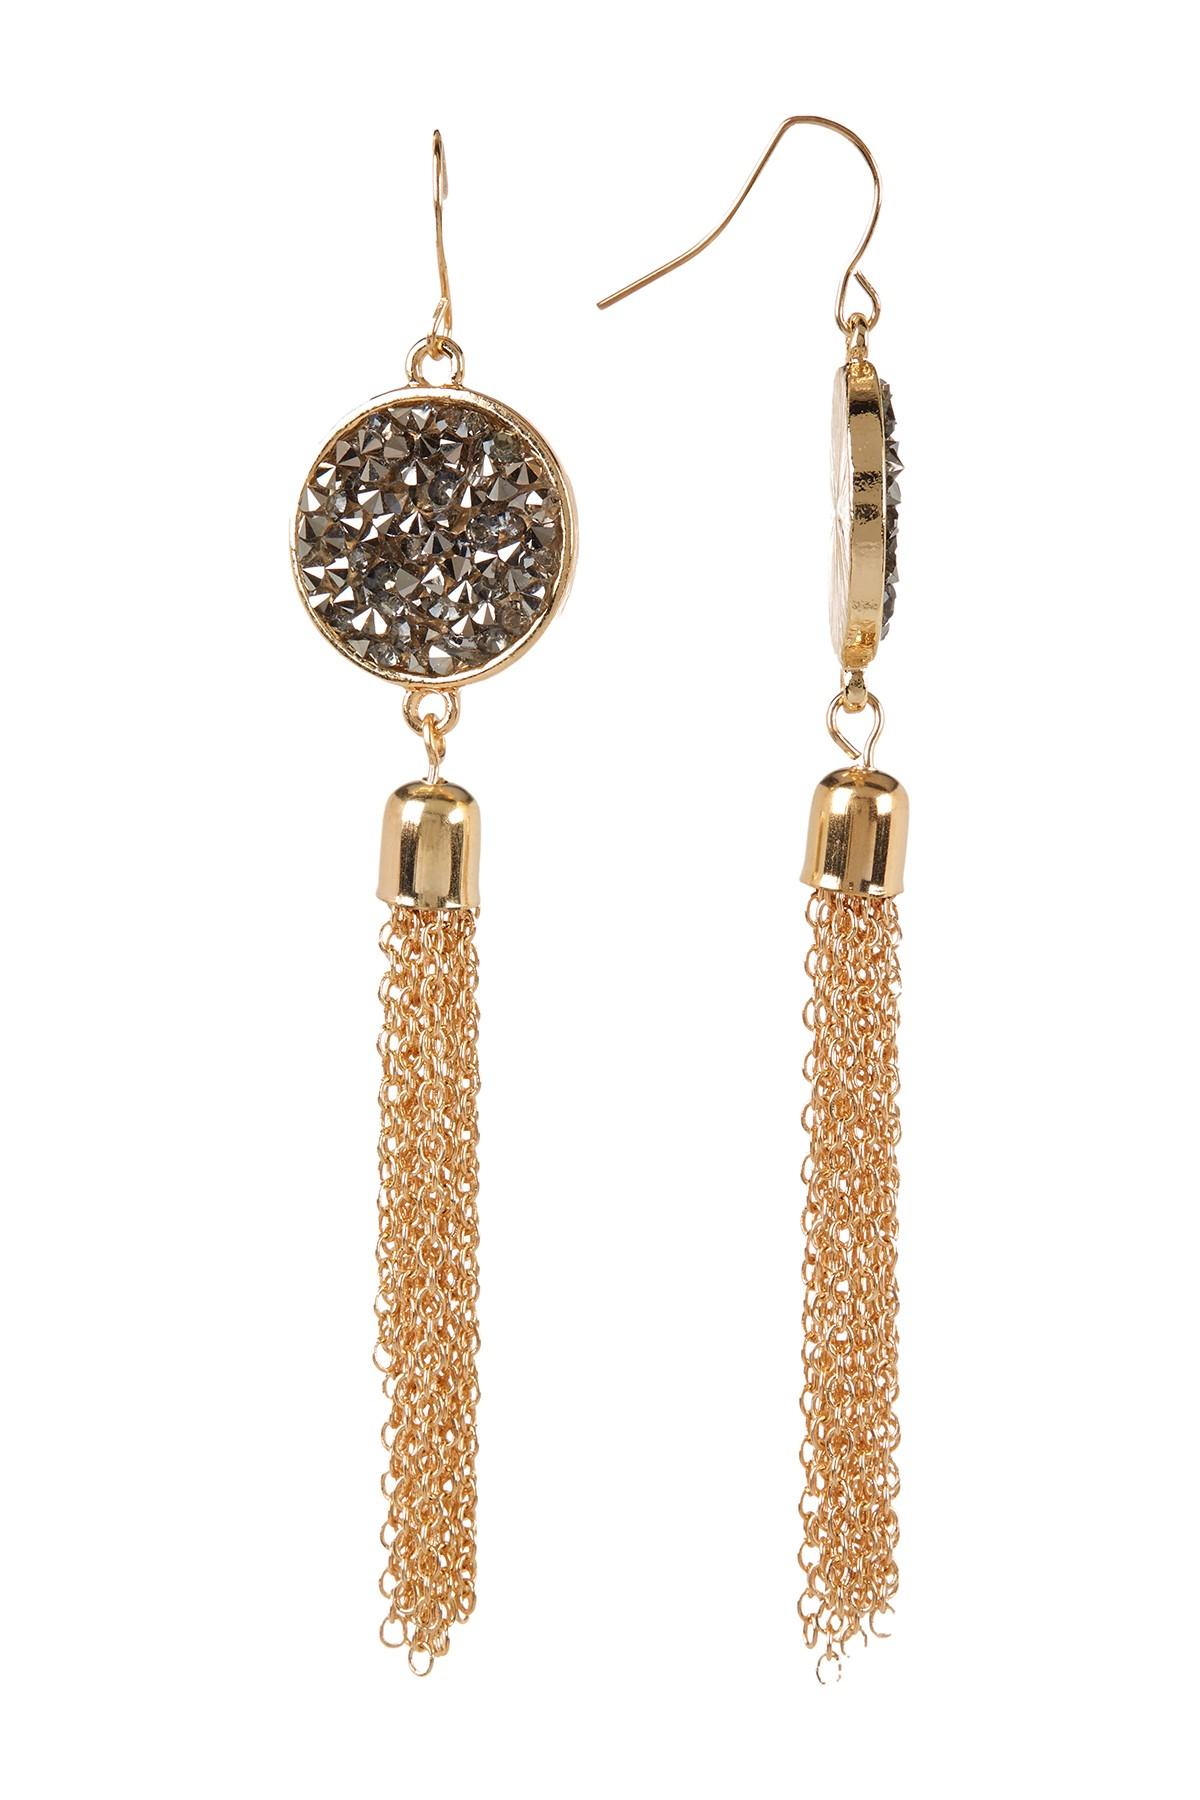 Bijuterii Femei Free Press Bezel Set Glass Crystal Dust Chain Fringe Drop Earrings HEMGOLD